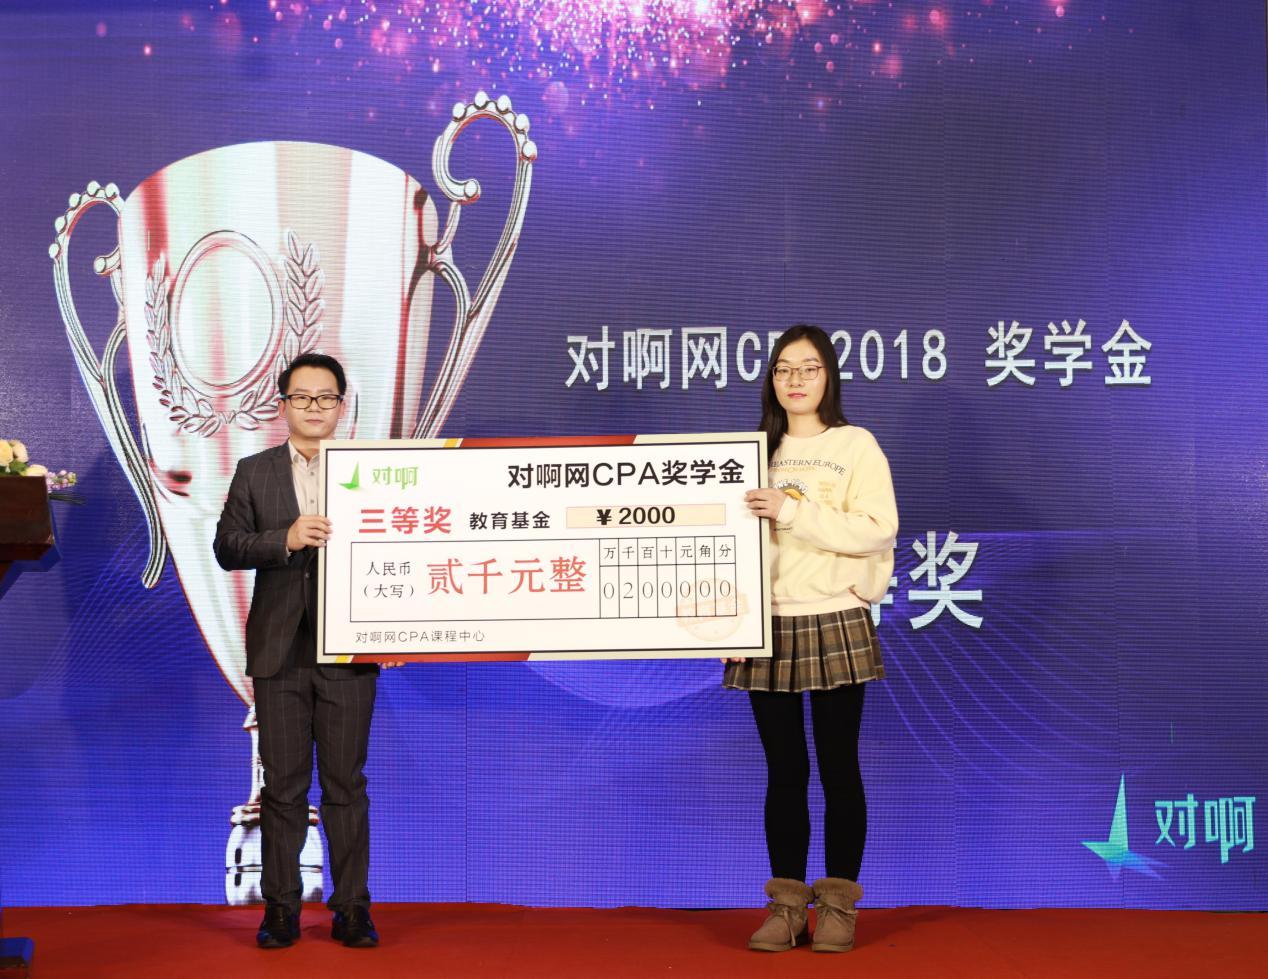 3-对啊网财会学院负责人张云鹏为学员颁发三等奖